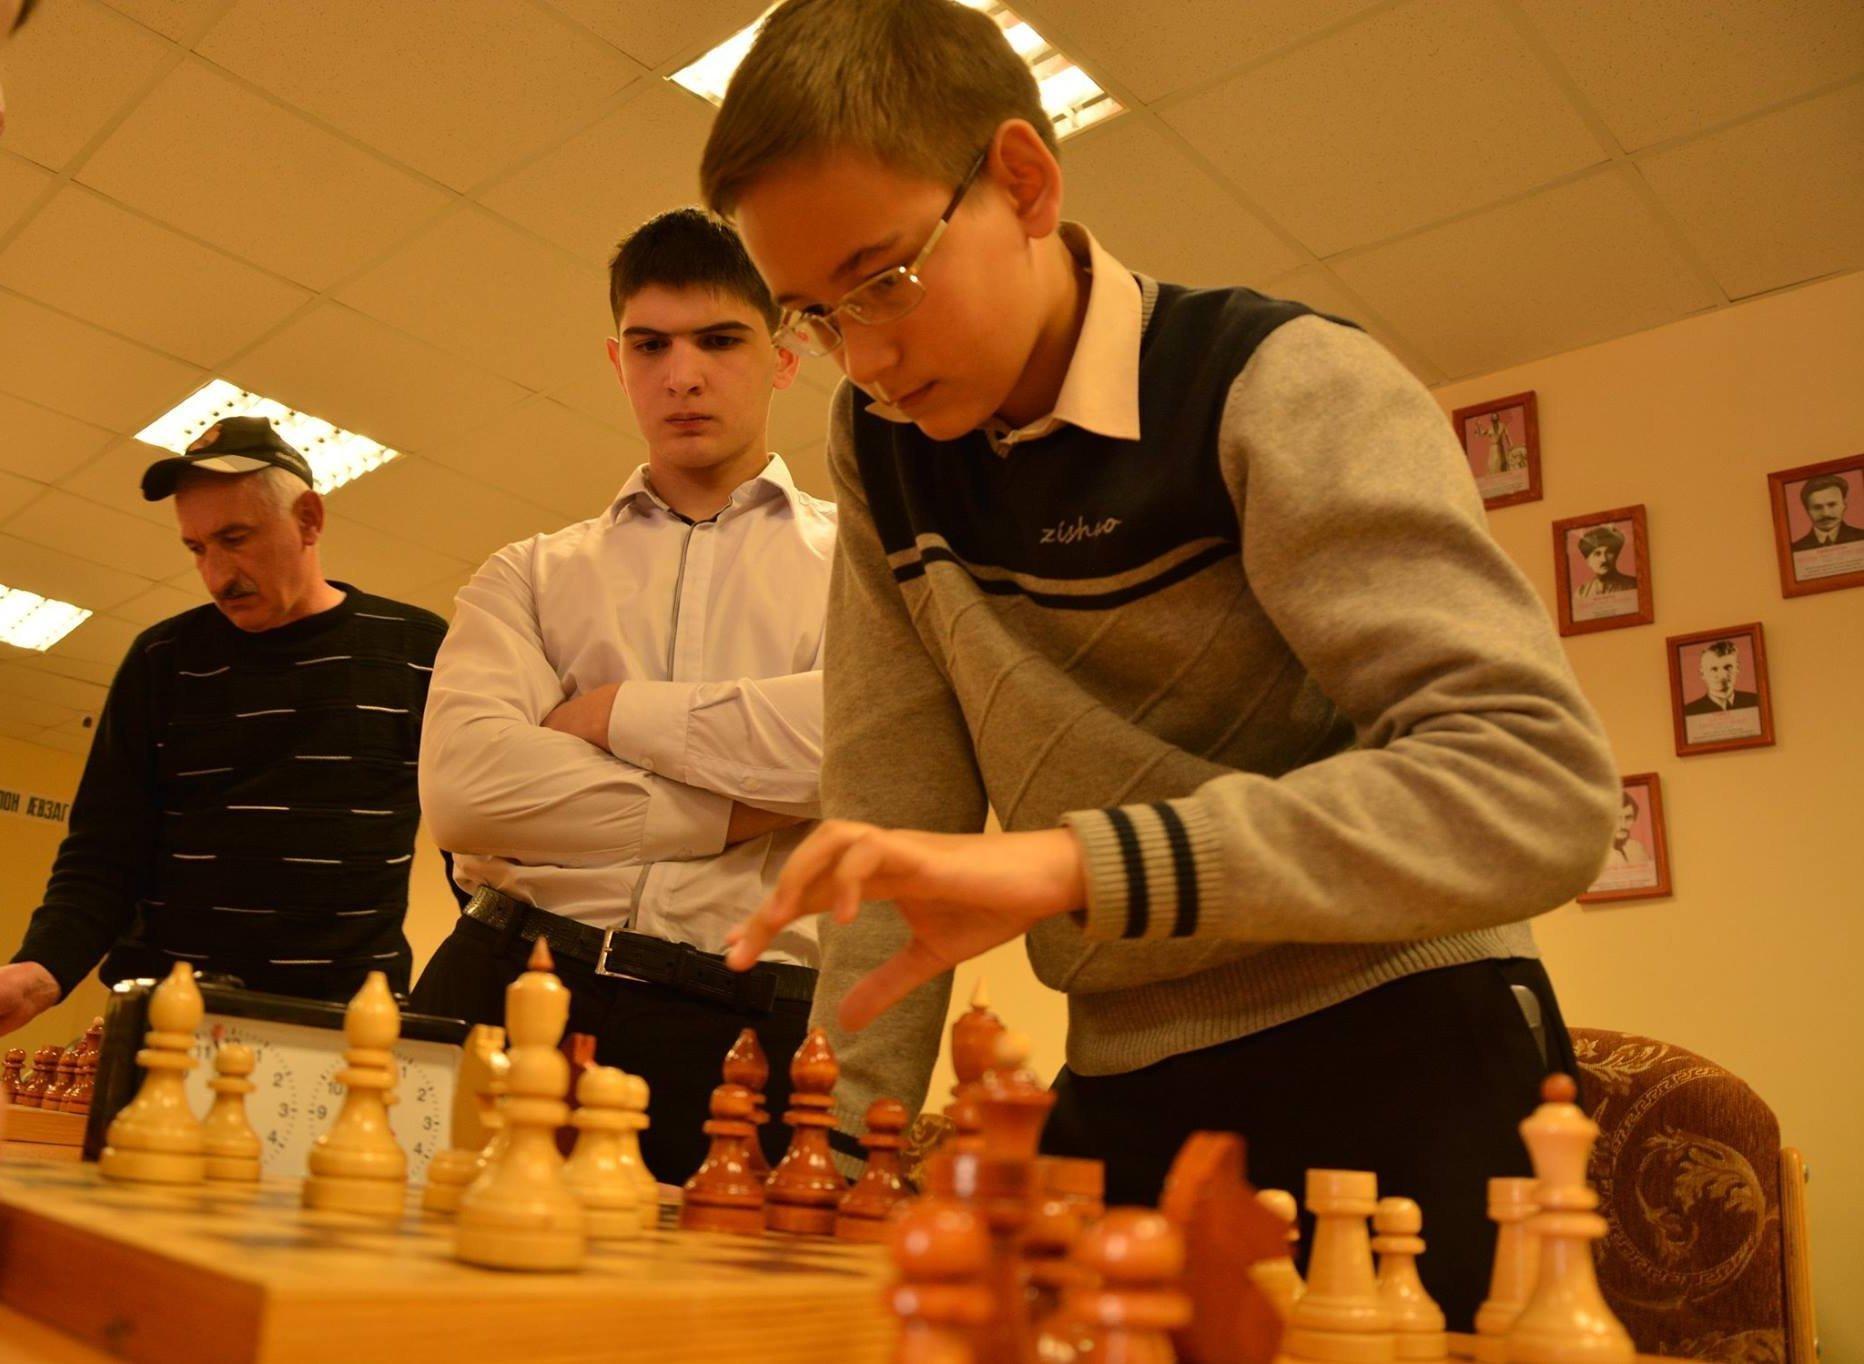 Валерий Халин – шахматтӕй Хуссар Ирыстоны фидӕны чемпион